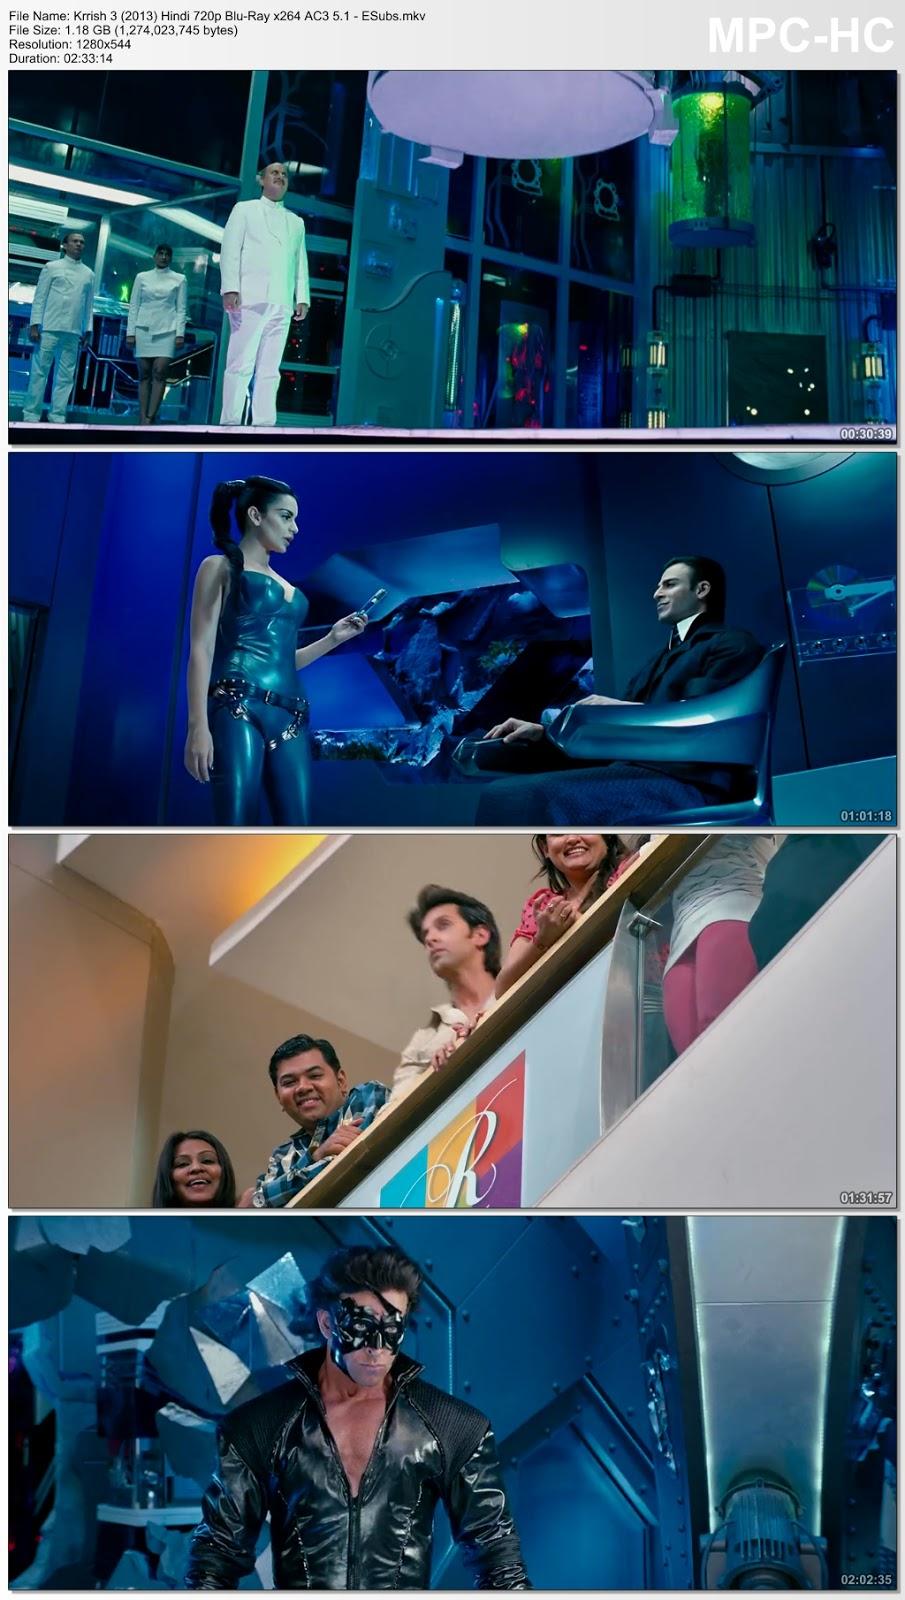 Krrish 3 (2013) Hindi 720p Blu-Ray x264 AC3 5.1 – ESubs 1.1GB Desirehub